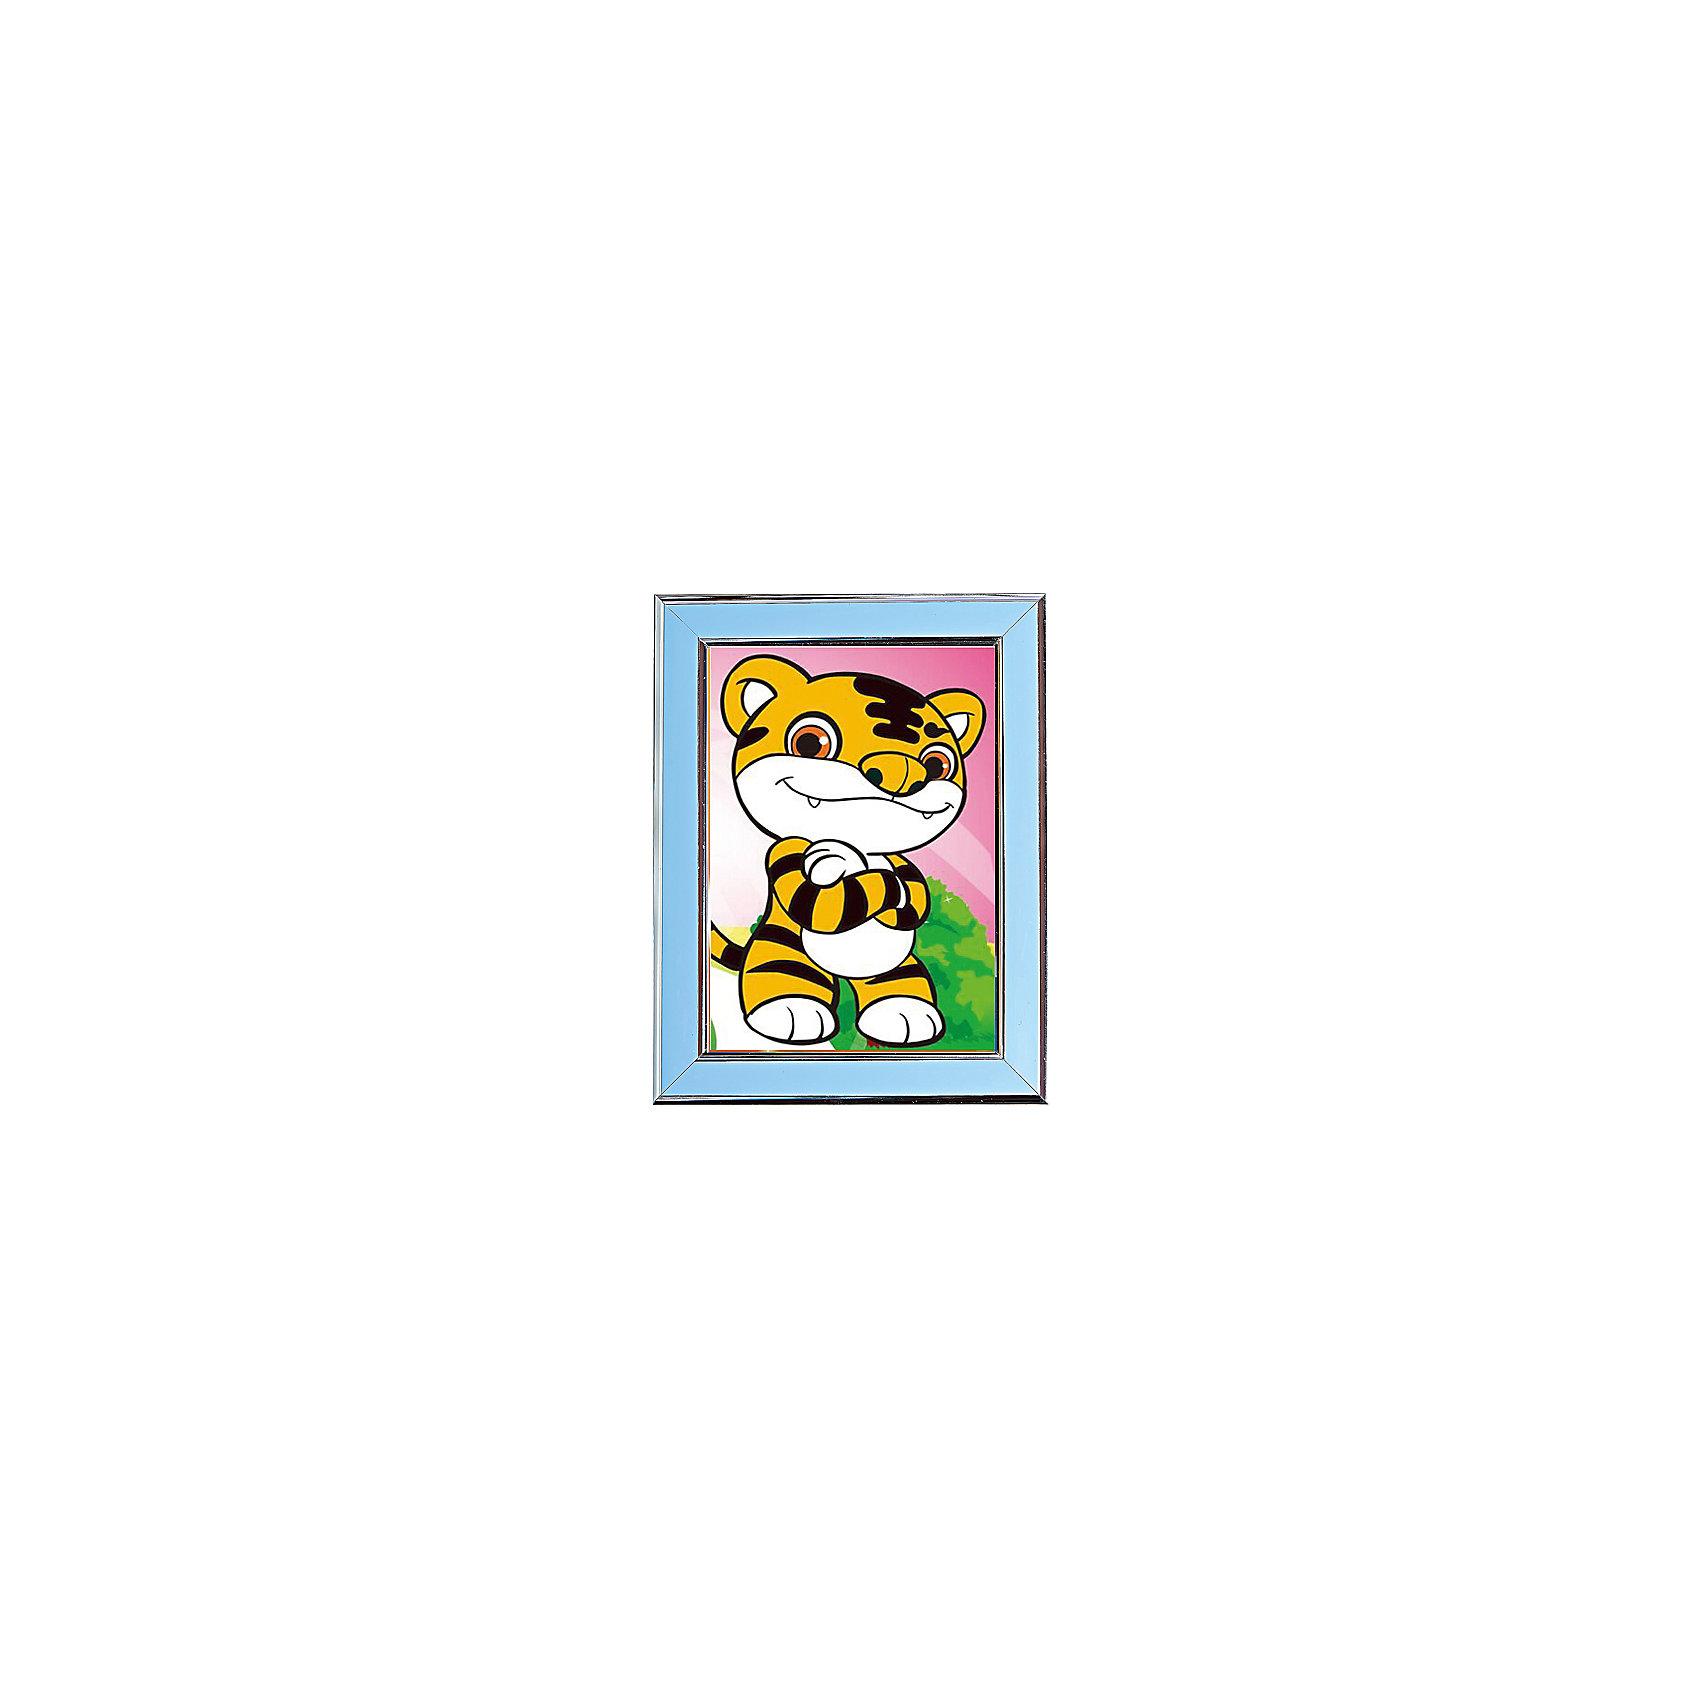 Мозаичная картина ТигренокМозаика<br>Мозаичная картина Тигренок. <br><br>Характеристика: <br><br>• Материал: картон, пластик, клей. <br>• Размер картинки: 17х21 см. <br>• Размер мозаичного элемента: 2,5 мм. <br>• Комплектация: контейнер для элементов мозаики, мозаичные элементы, специальный клеевой карандаш, трафарет со схемой рисунка, декоративная пластиковая рамка с оргстеклом. <br>• Яркие, насыщенные цвета. <br>• Отлично развивает моторику рук, внимание, мышление и воображение. <br><br>Создание картины из мозаики - увлекательное и полезное занятие, в процессе которого ребенок сможет развить моторику рук, внимание, усидчивость, цветовосприятие и воображение. В этом наборе уже есть все для создания маленького шедевра! Нужно лишь приклеить мозаичные элементы на основу с нанесенным контуром - и яркая картинка готова.<br><br>Мозаичную картину Тигренок можно купить в нашем магазине.<br><br>Ширина мм: 200<br>Глубина мм: 225<br>Высота мм: 30<br>Вес г: 250<br>Возраст от месяцев: 84<br>Возраст до месяцев: 36<br>Пол: Унисекс<br>Возраст: Детский<br>SKU: 5417616